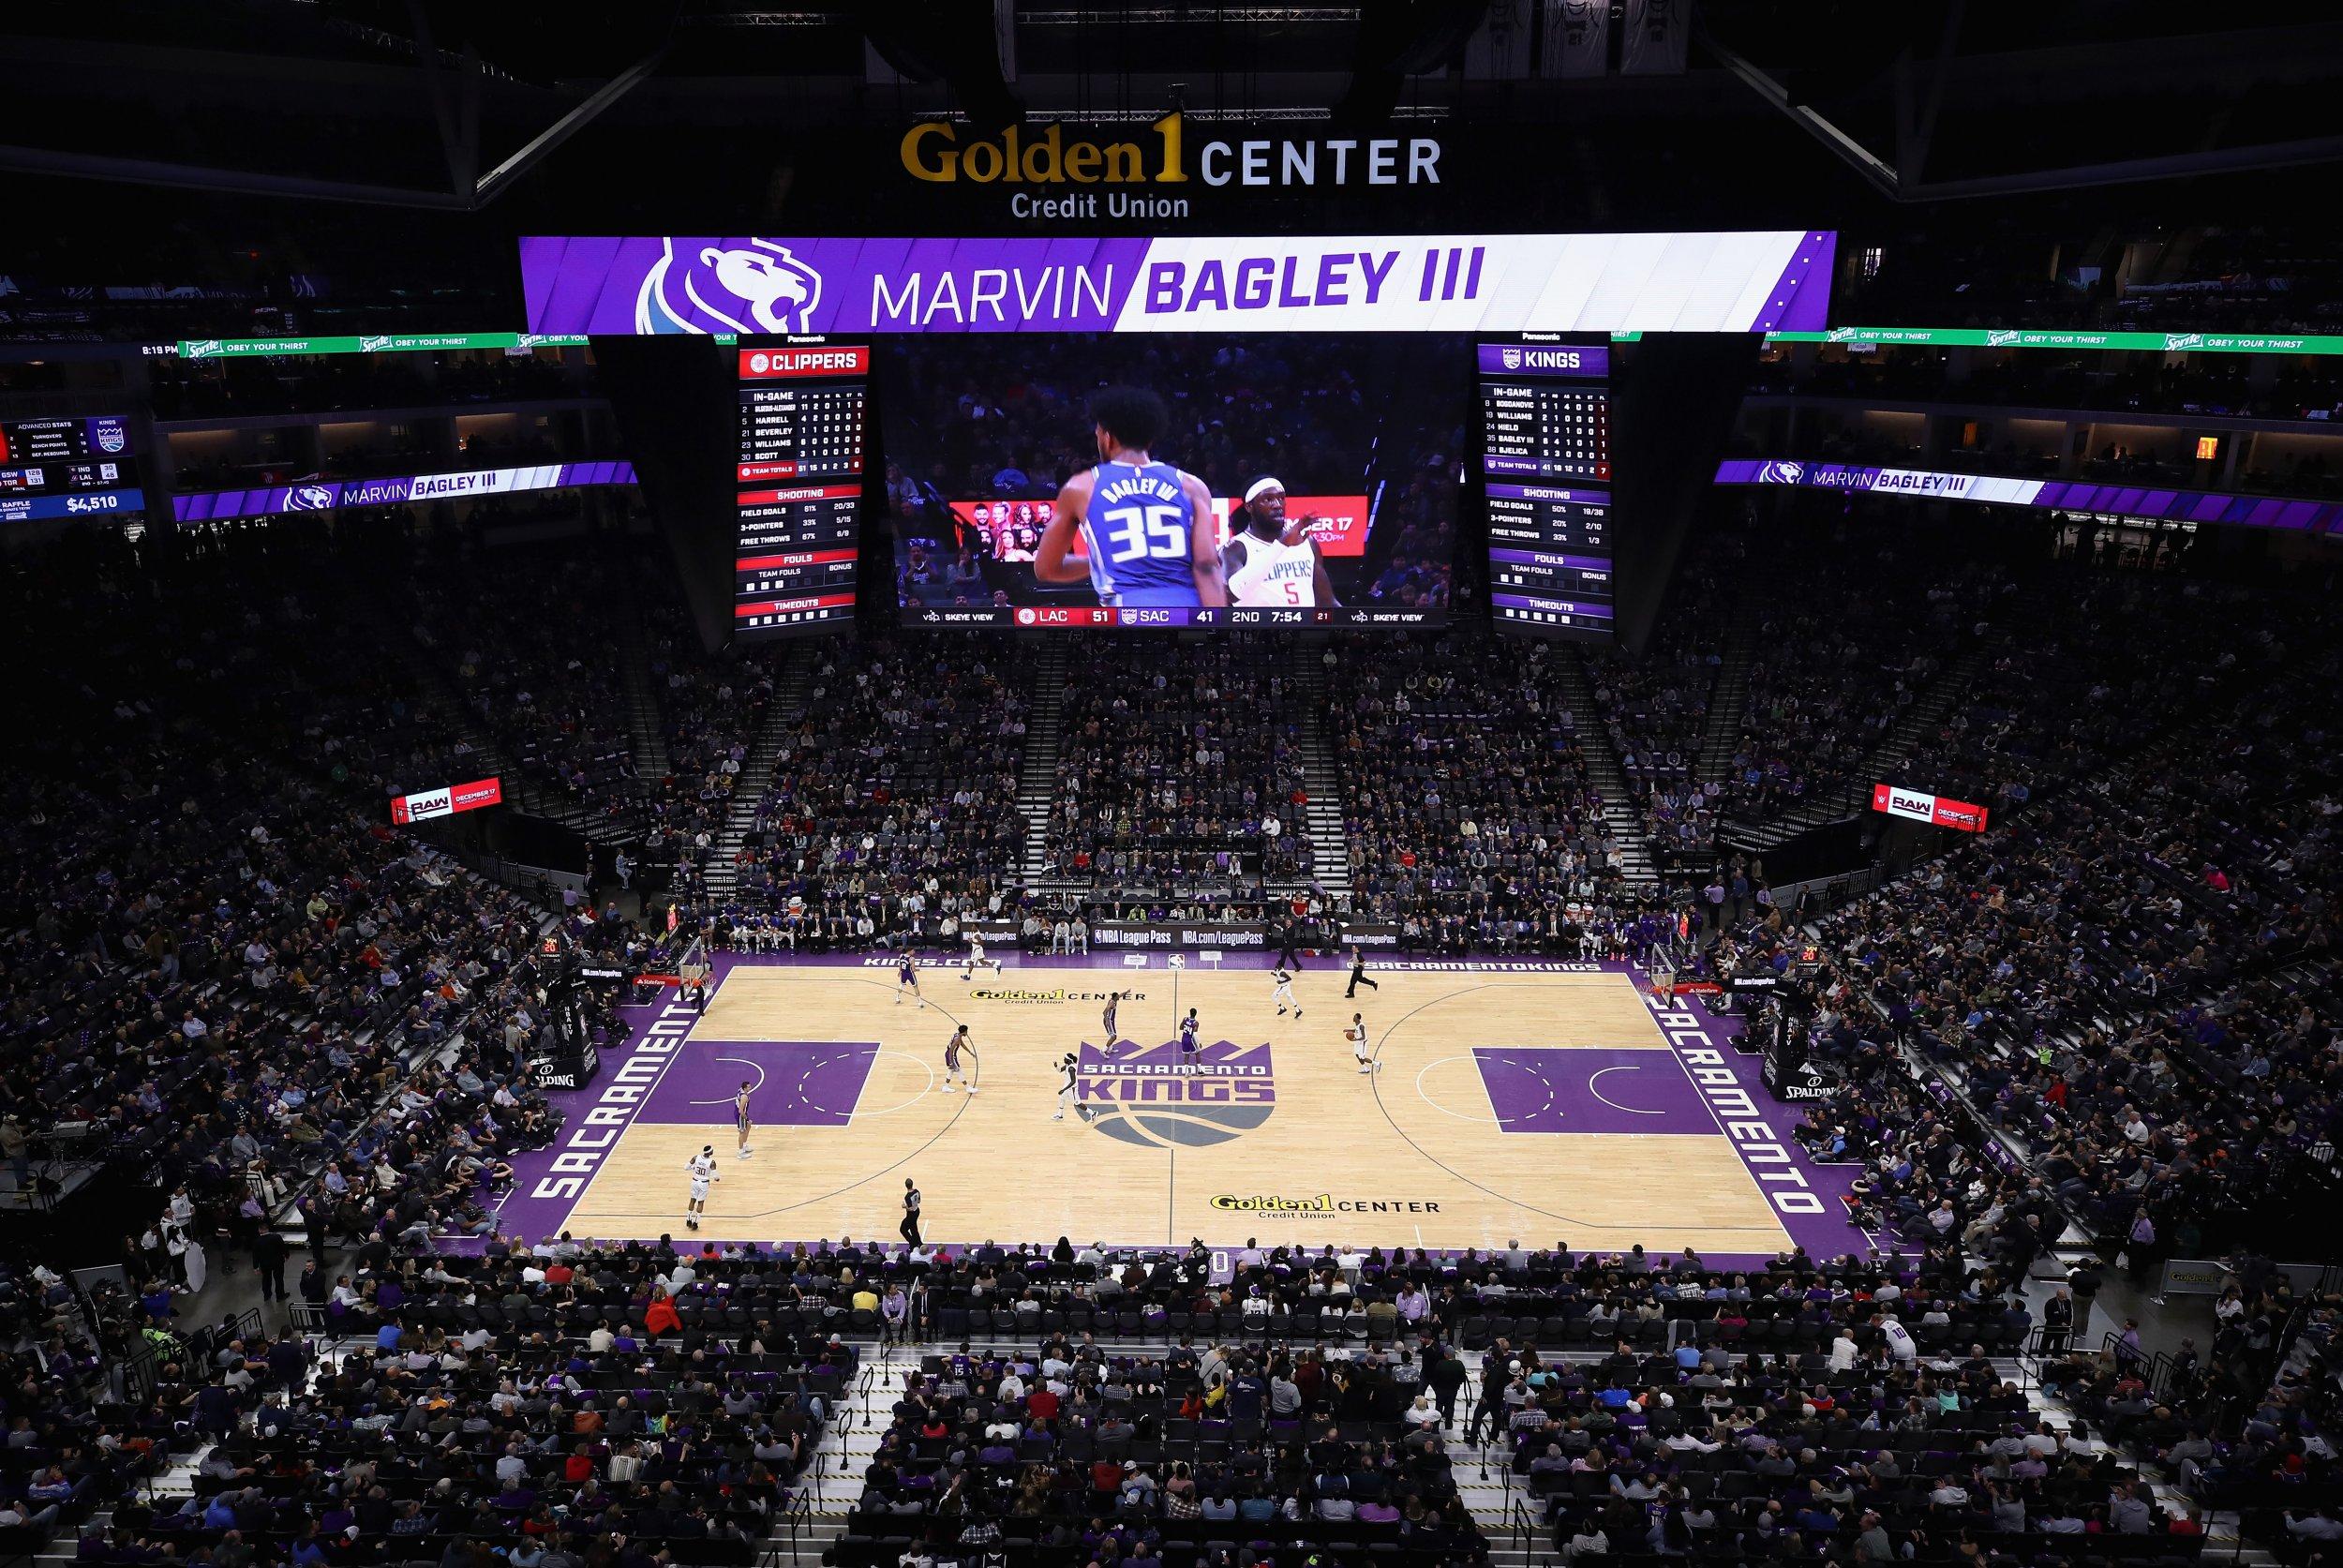 Golden 1 Center, Sacramento Kings